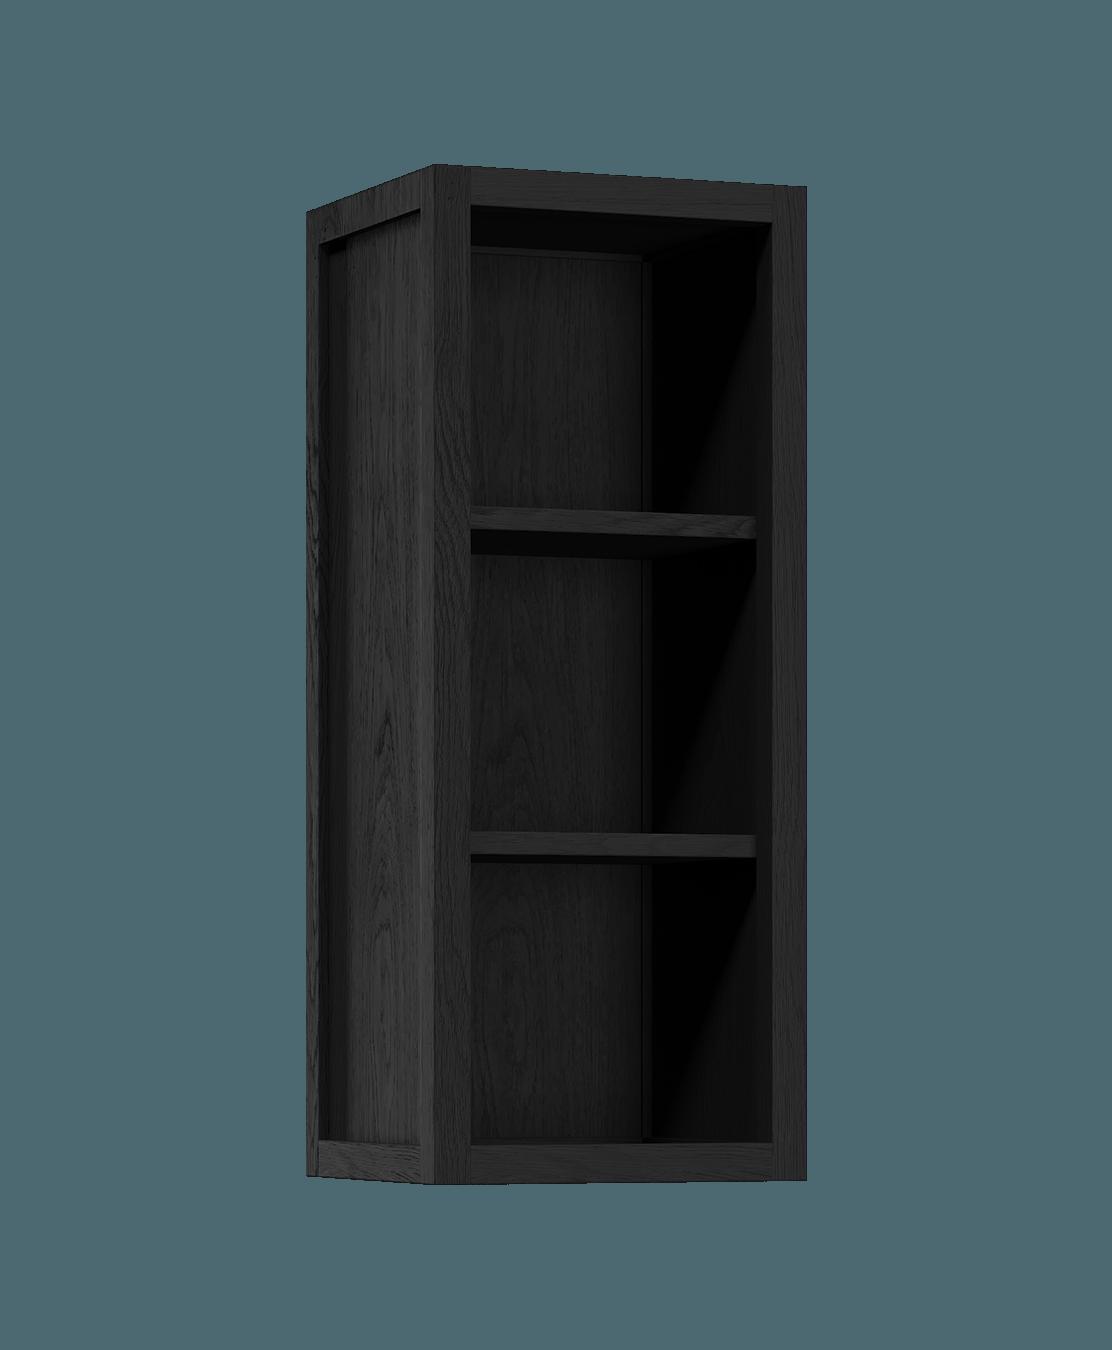 armoire de cuisine modulaire murale ouverte en bois massif coquo radix avec 2 portes en verre chêne teint noir nuit profonde 12 pouces C1-W-1212-0000-BK